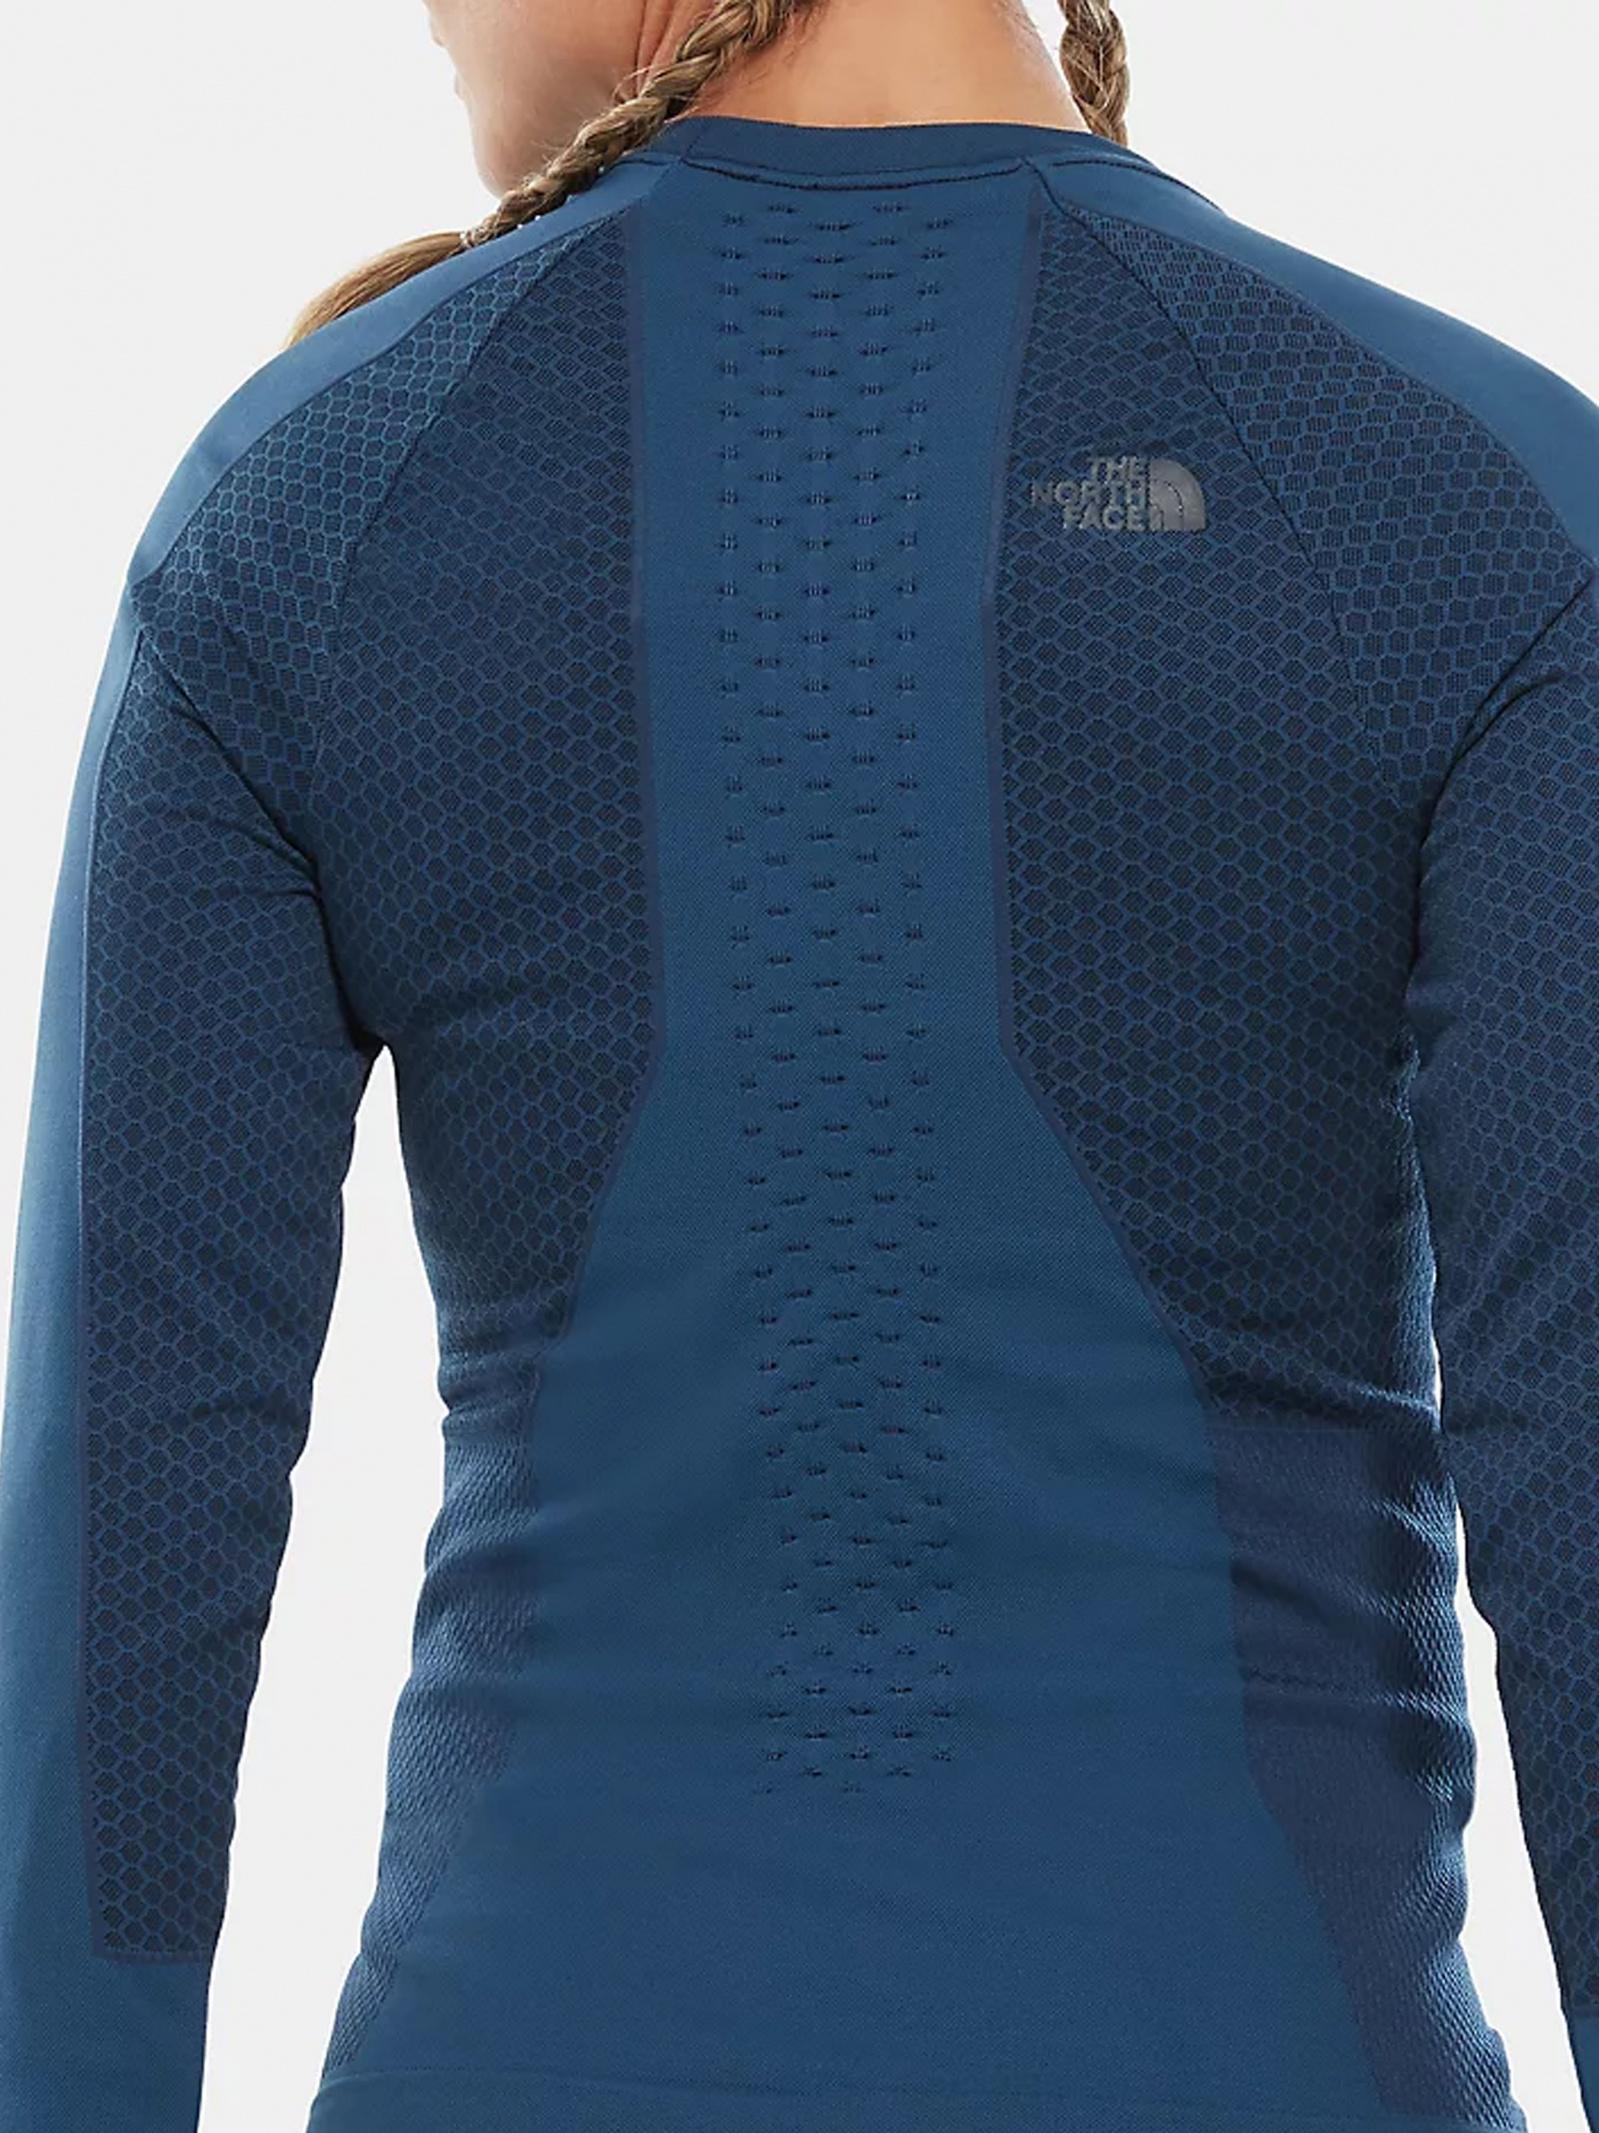 Кофты и свитера женские The North Face модель N1386 купить, 2017